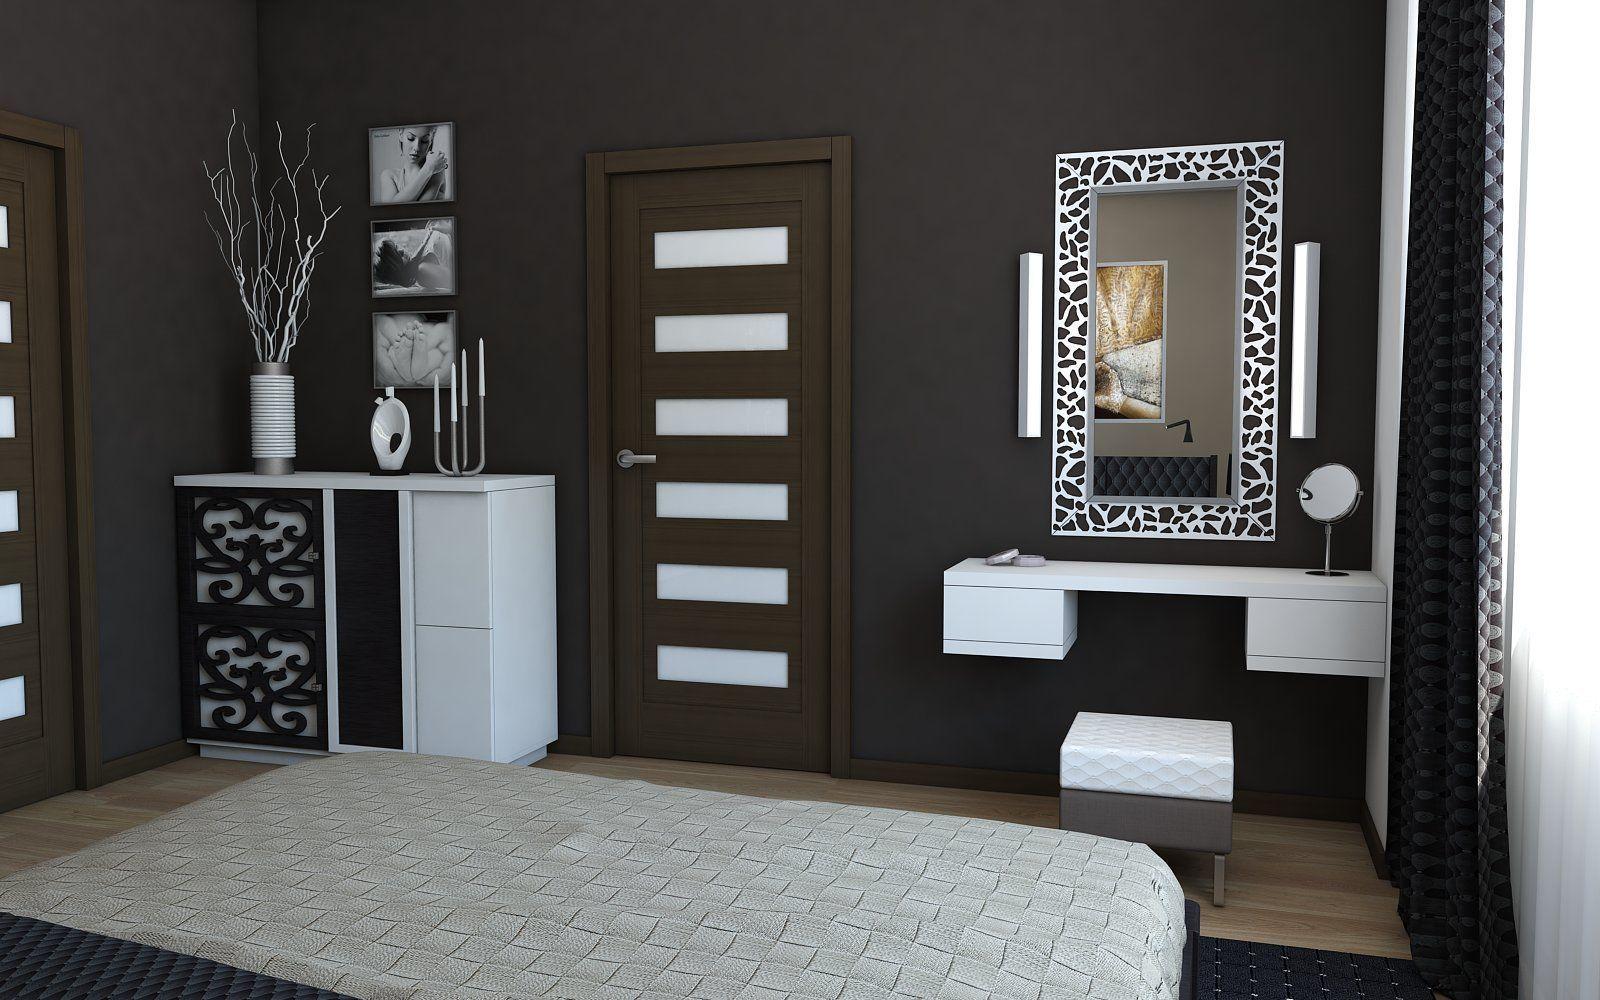 مدل درب اتاق خواب با طراحی شیک و زیبا